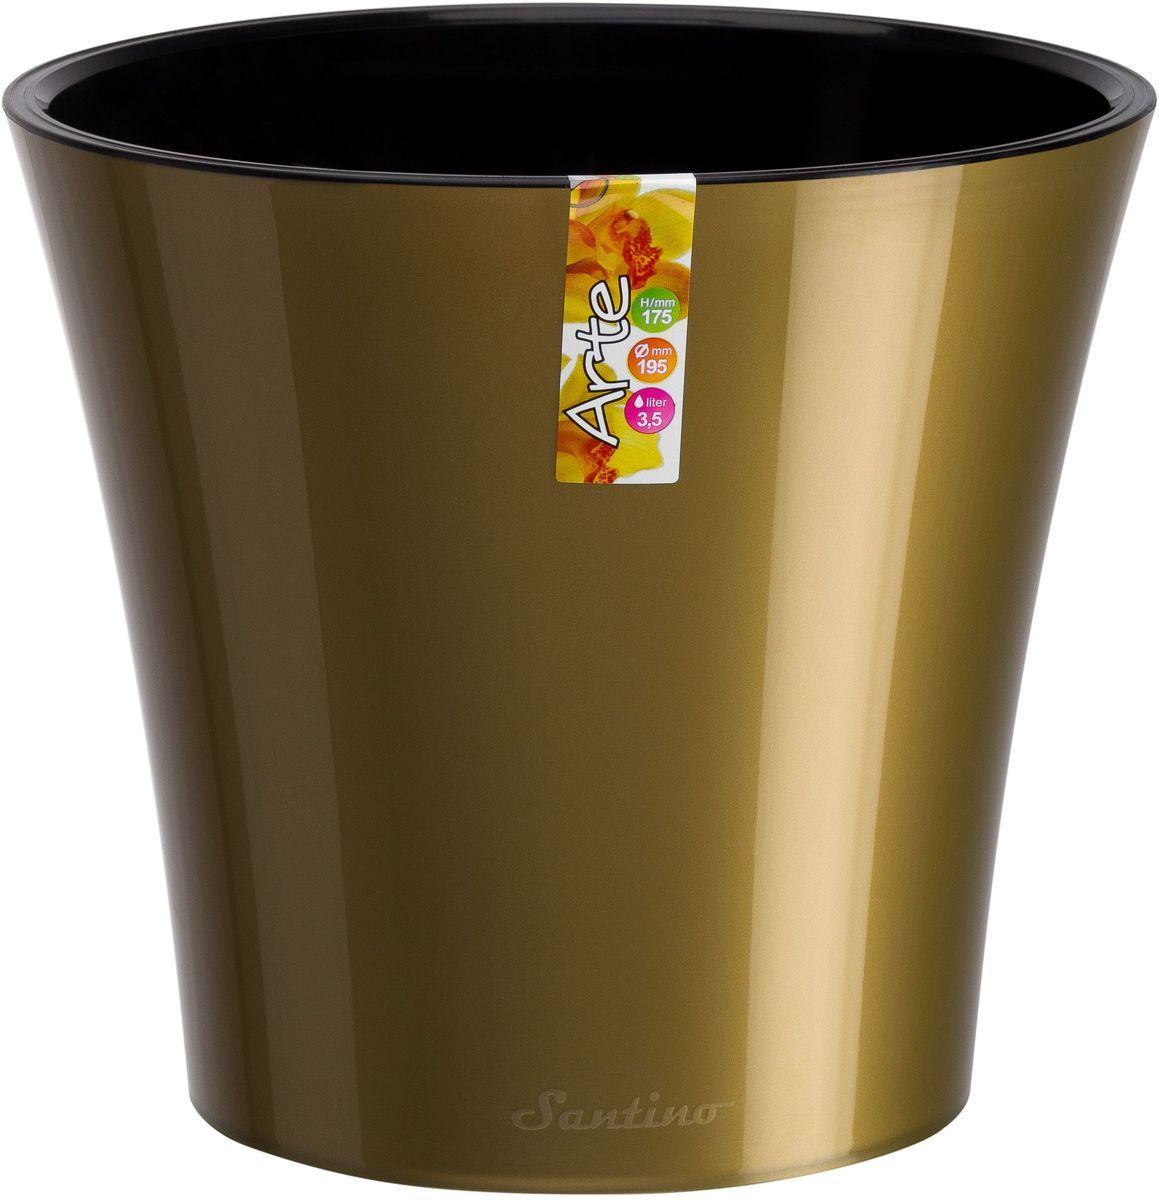 Горшок цветочный Santino Арте, двойной, с системой автополива, цвет: золотой, черный, 1,2 лАРТ 1,2 З-ЧСистем автополива - гарантия здоровья ваших цветов. Экономия времени - решение для самых занятых. Чистота и удобство - нет протекания воды при поливе. Здоровые корини - нет застаивания корней в воде. Оптимальный рост - корни обеспечены циркуляцией воздуха.